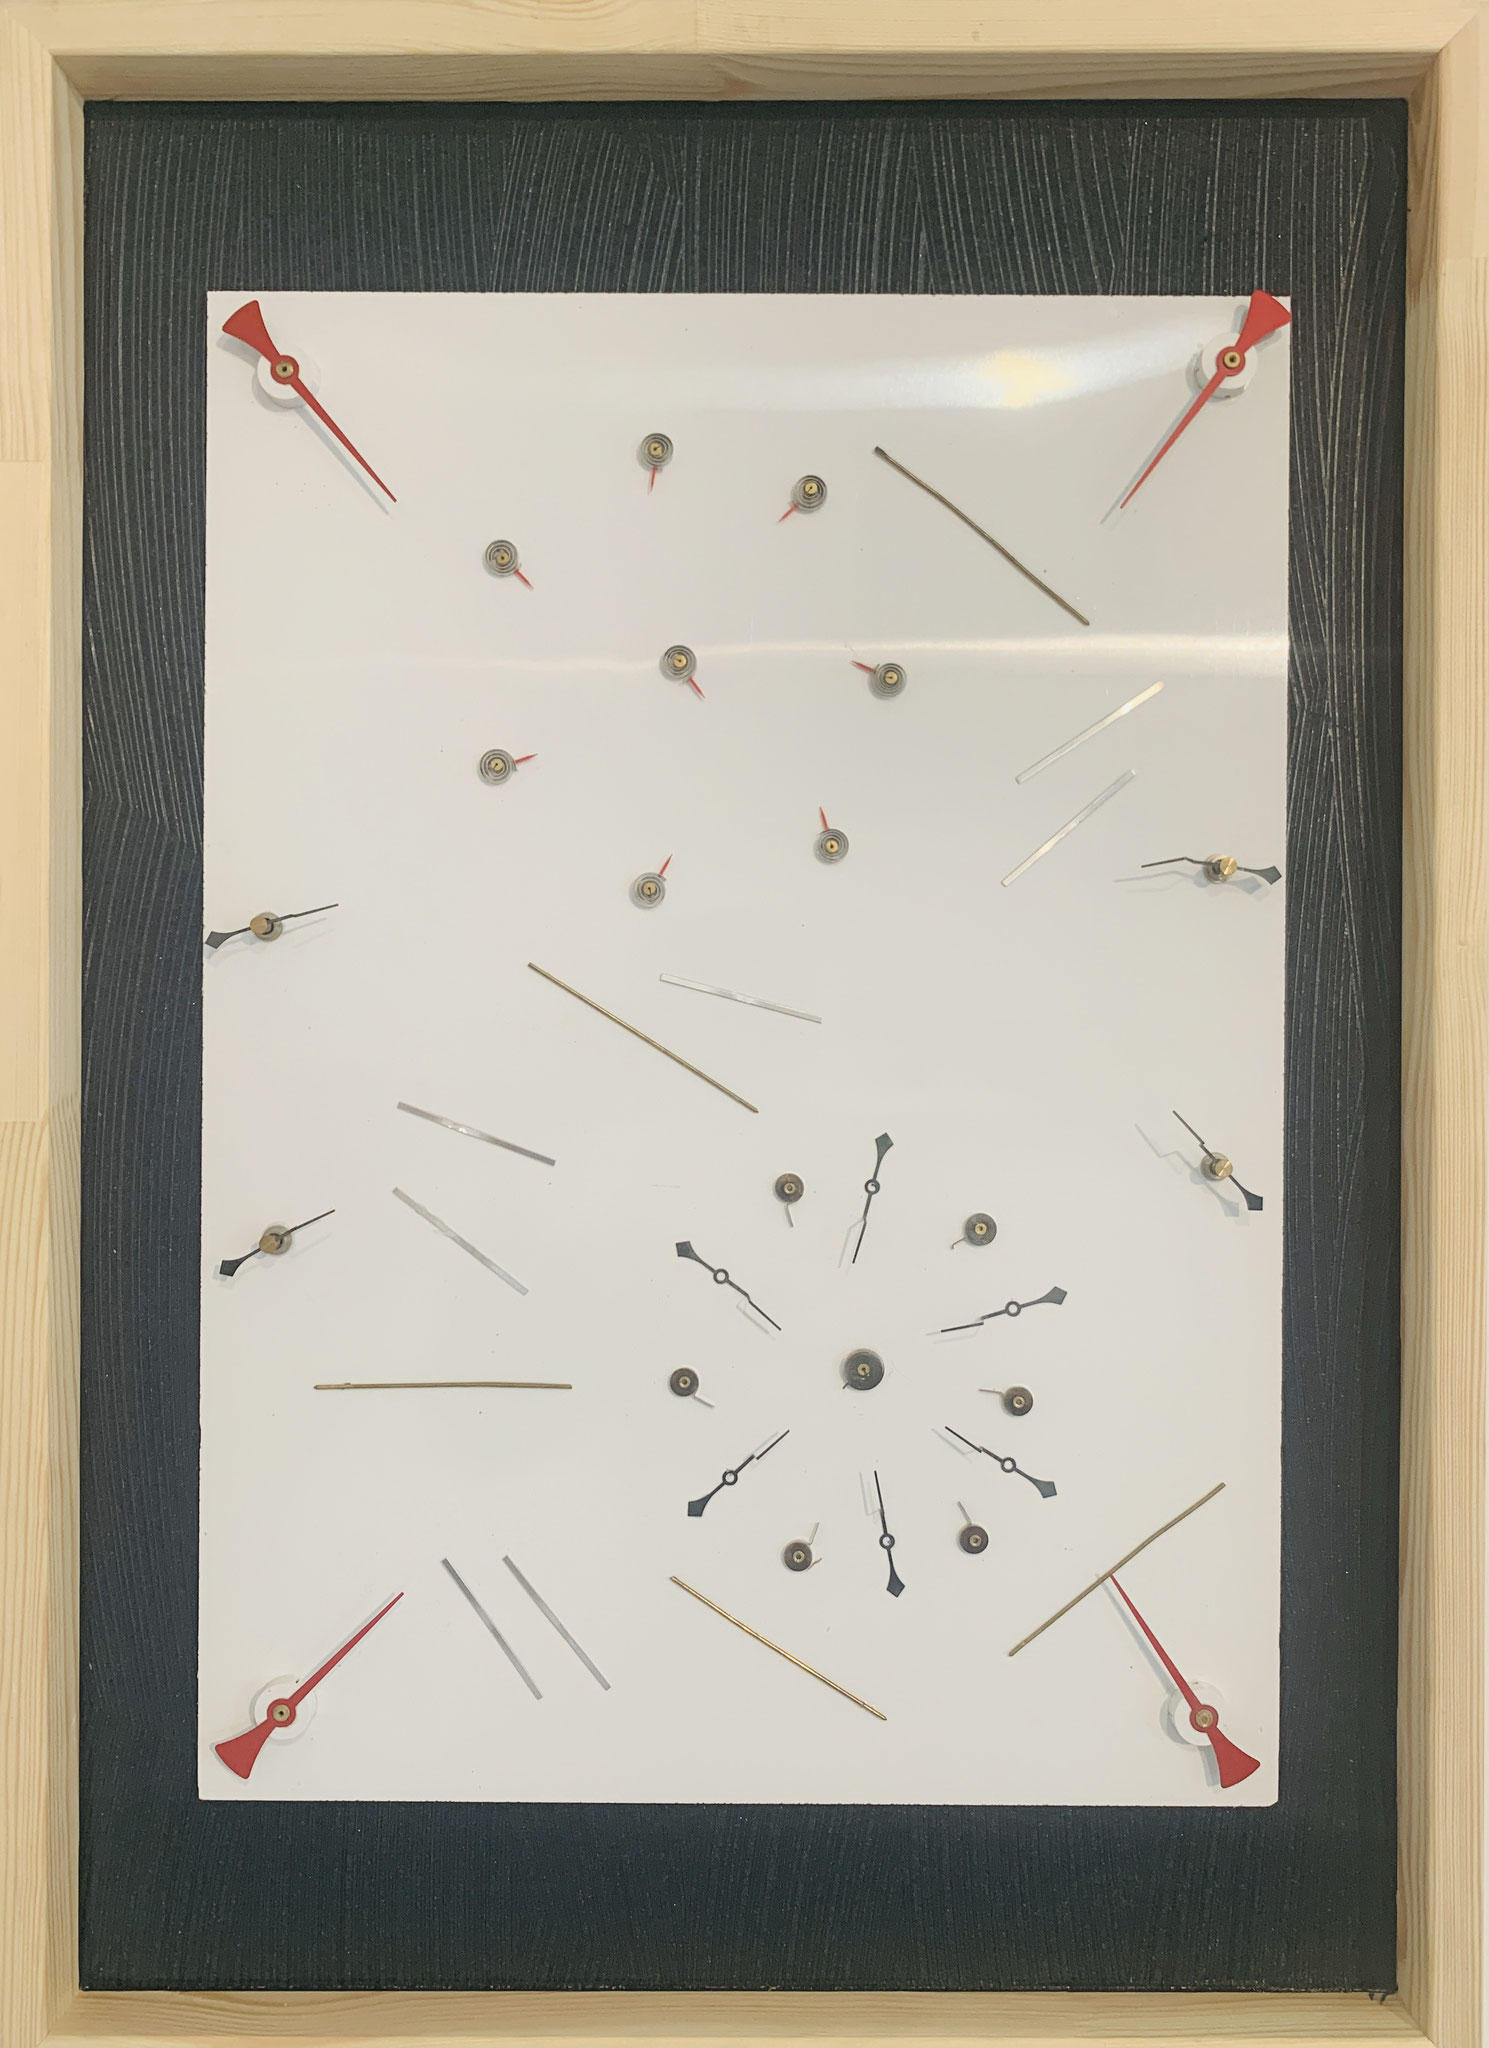 """58. Ryszard Reslinski (in Zusammenarbeit mit R. Alder), """"factory-art"""", Out of time, Collage aus Zeigern und Spiralen, 2020"""